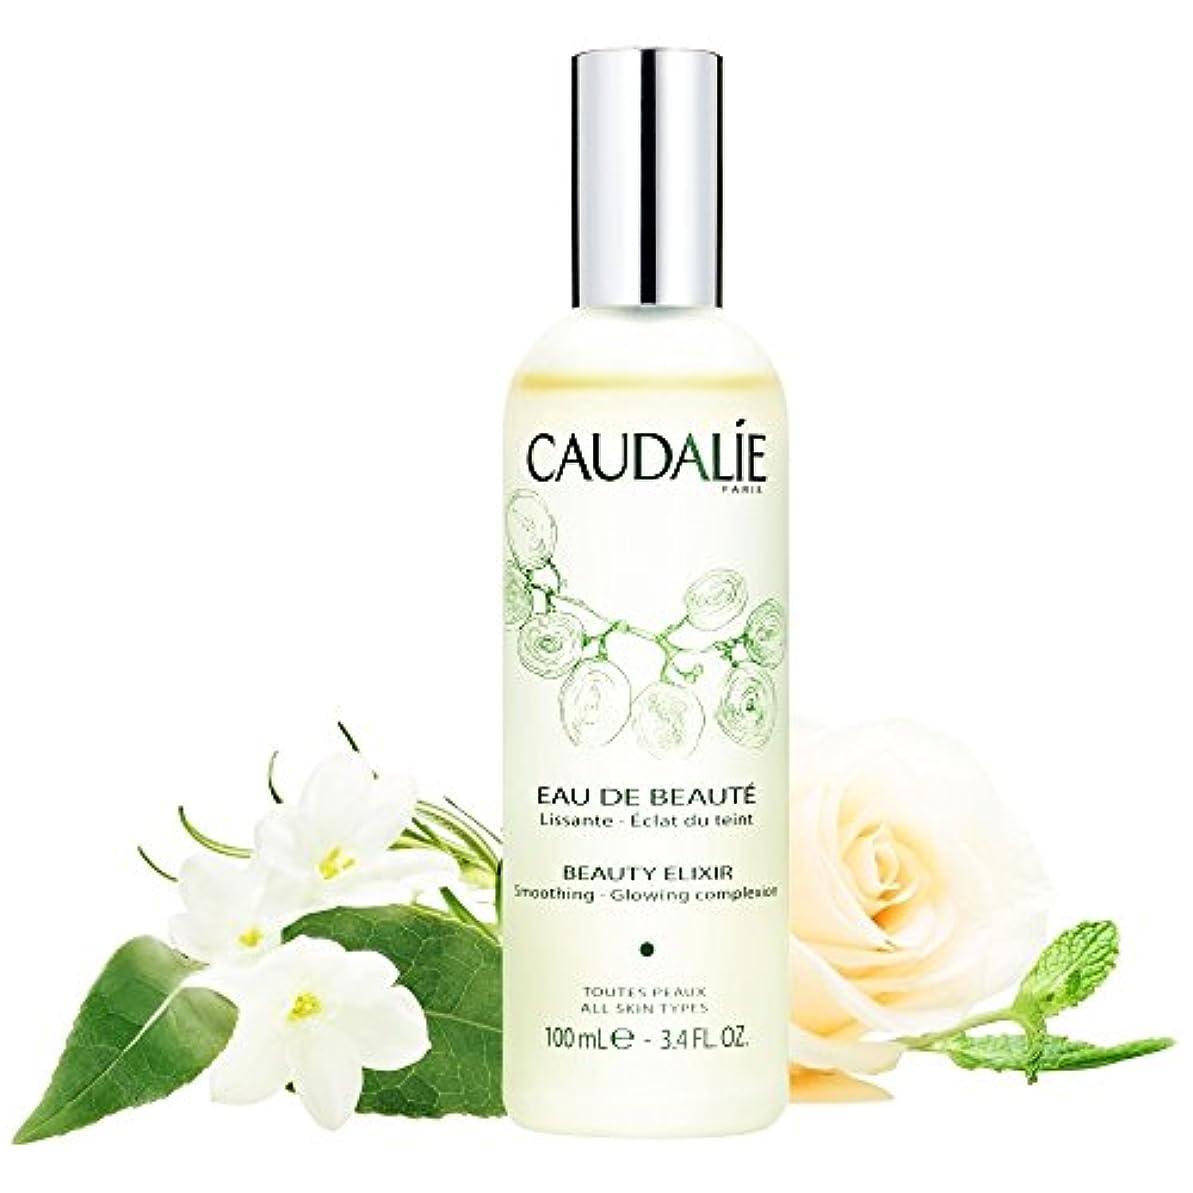 脱臼する入植者処方するコーダリー美容エリキシル、100ミリリットル (Caudalie) (x2) - Caudalie Beauty Elixir, 100ml (Pack of 2) [並行輸入品]